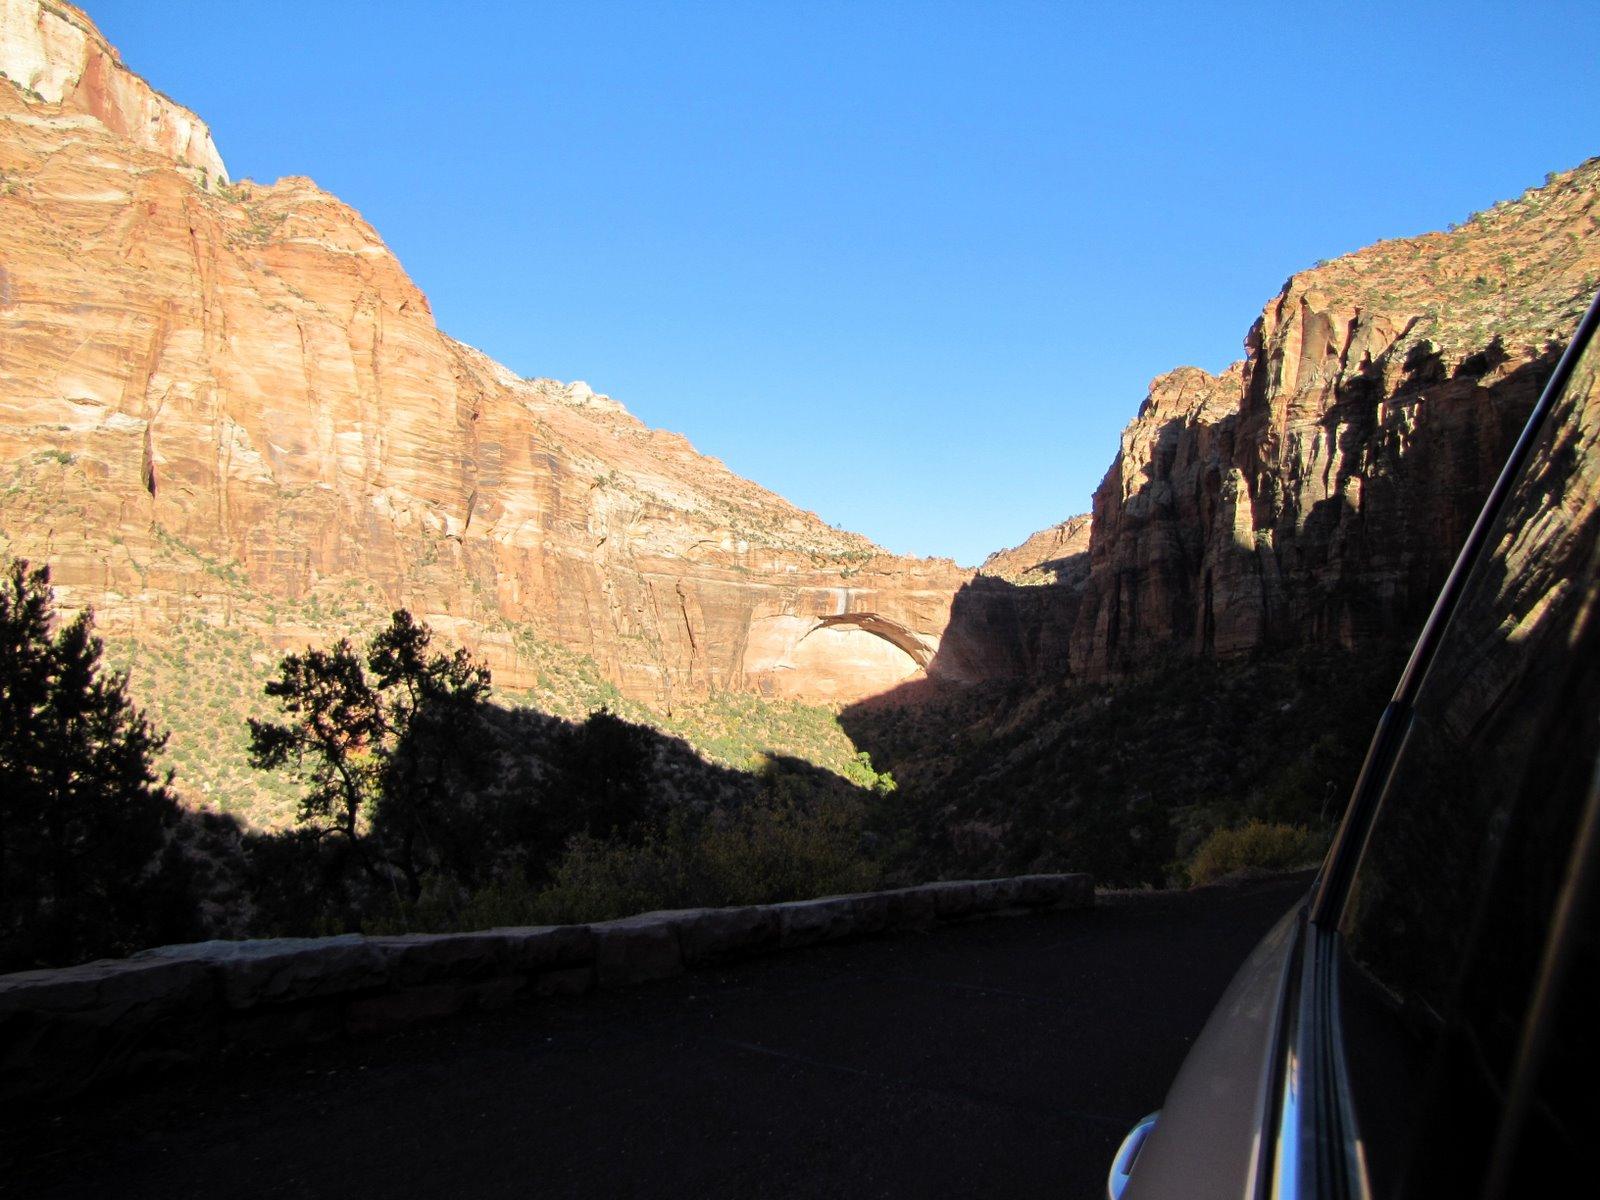 A távolban a hatalmas kőív, oigyexünk a közelébe  The great arch is in the distance.. getting closer